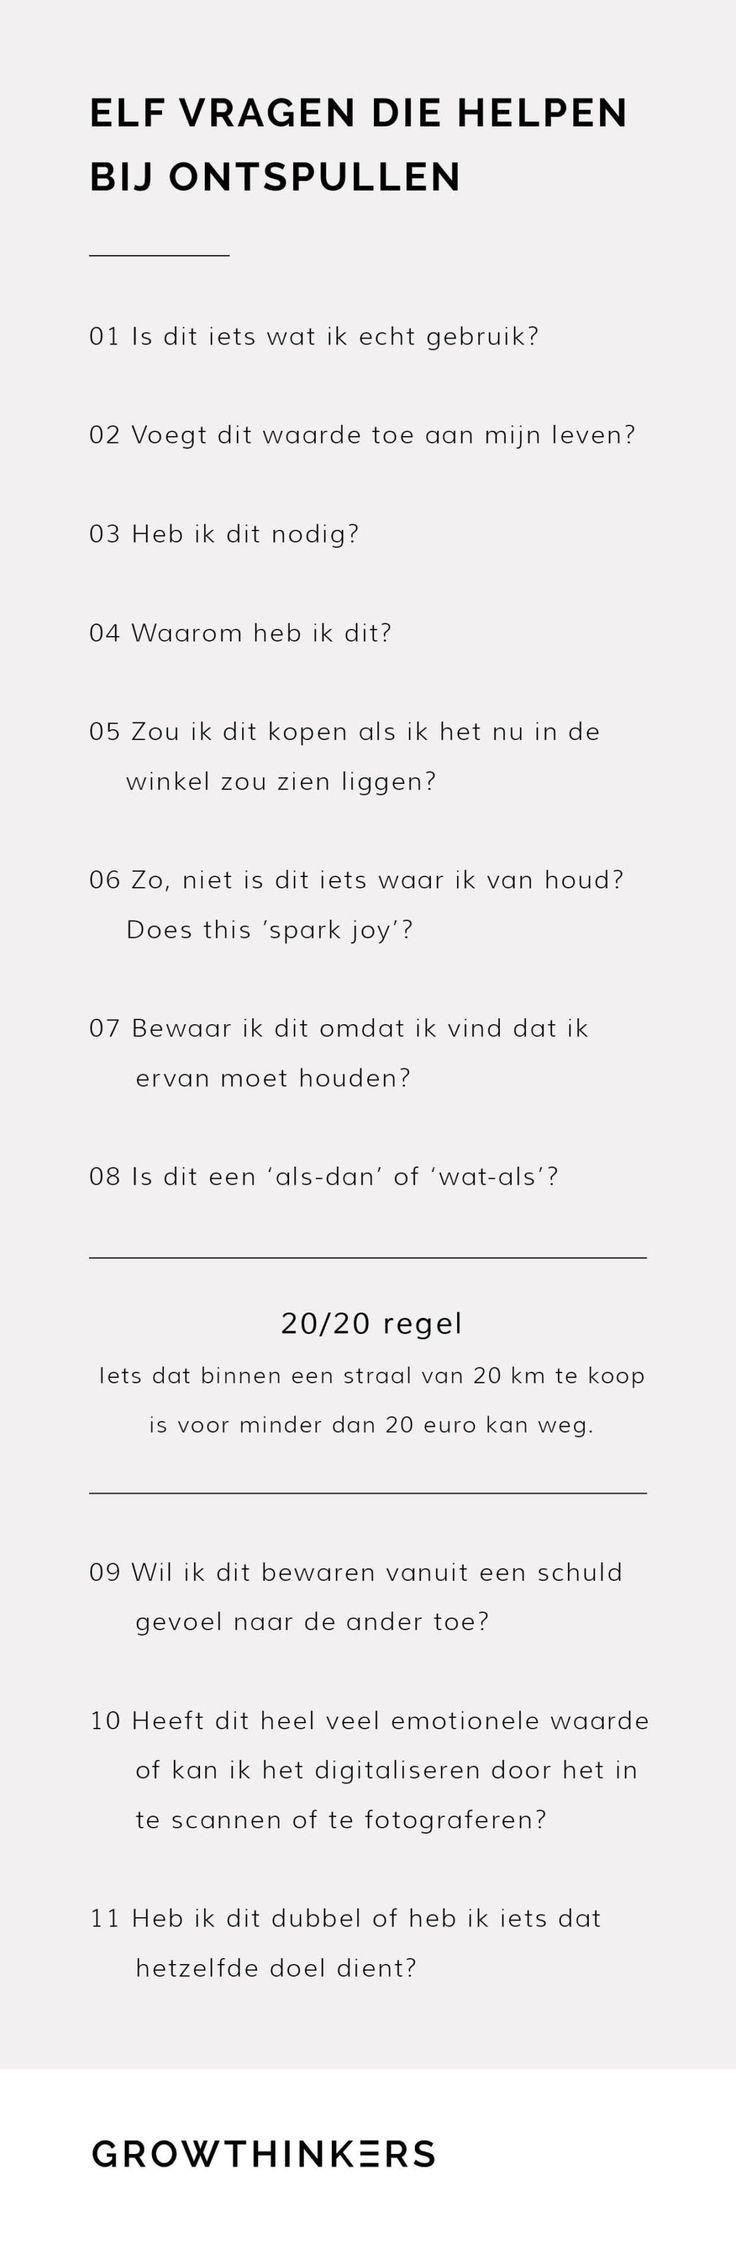 Ik geef je het antwoord op deze vraag samen met Jelmer de Boer, een goede mannelijke schrijver en tevens blogger uit Amsterdam die drastisch heeft opgeruimd. Daar gaan we dan. Waarom zou je ontspullen volgens Jelle Ontspullen heeft mij meer overzicht, duidelijkheid, rust en focus...